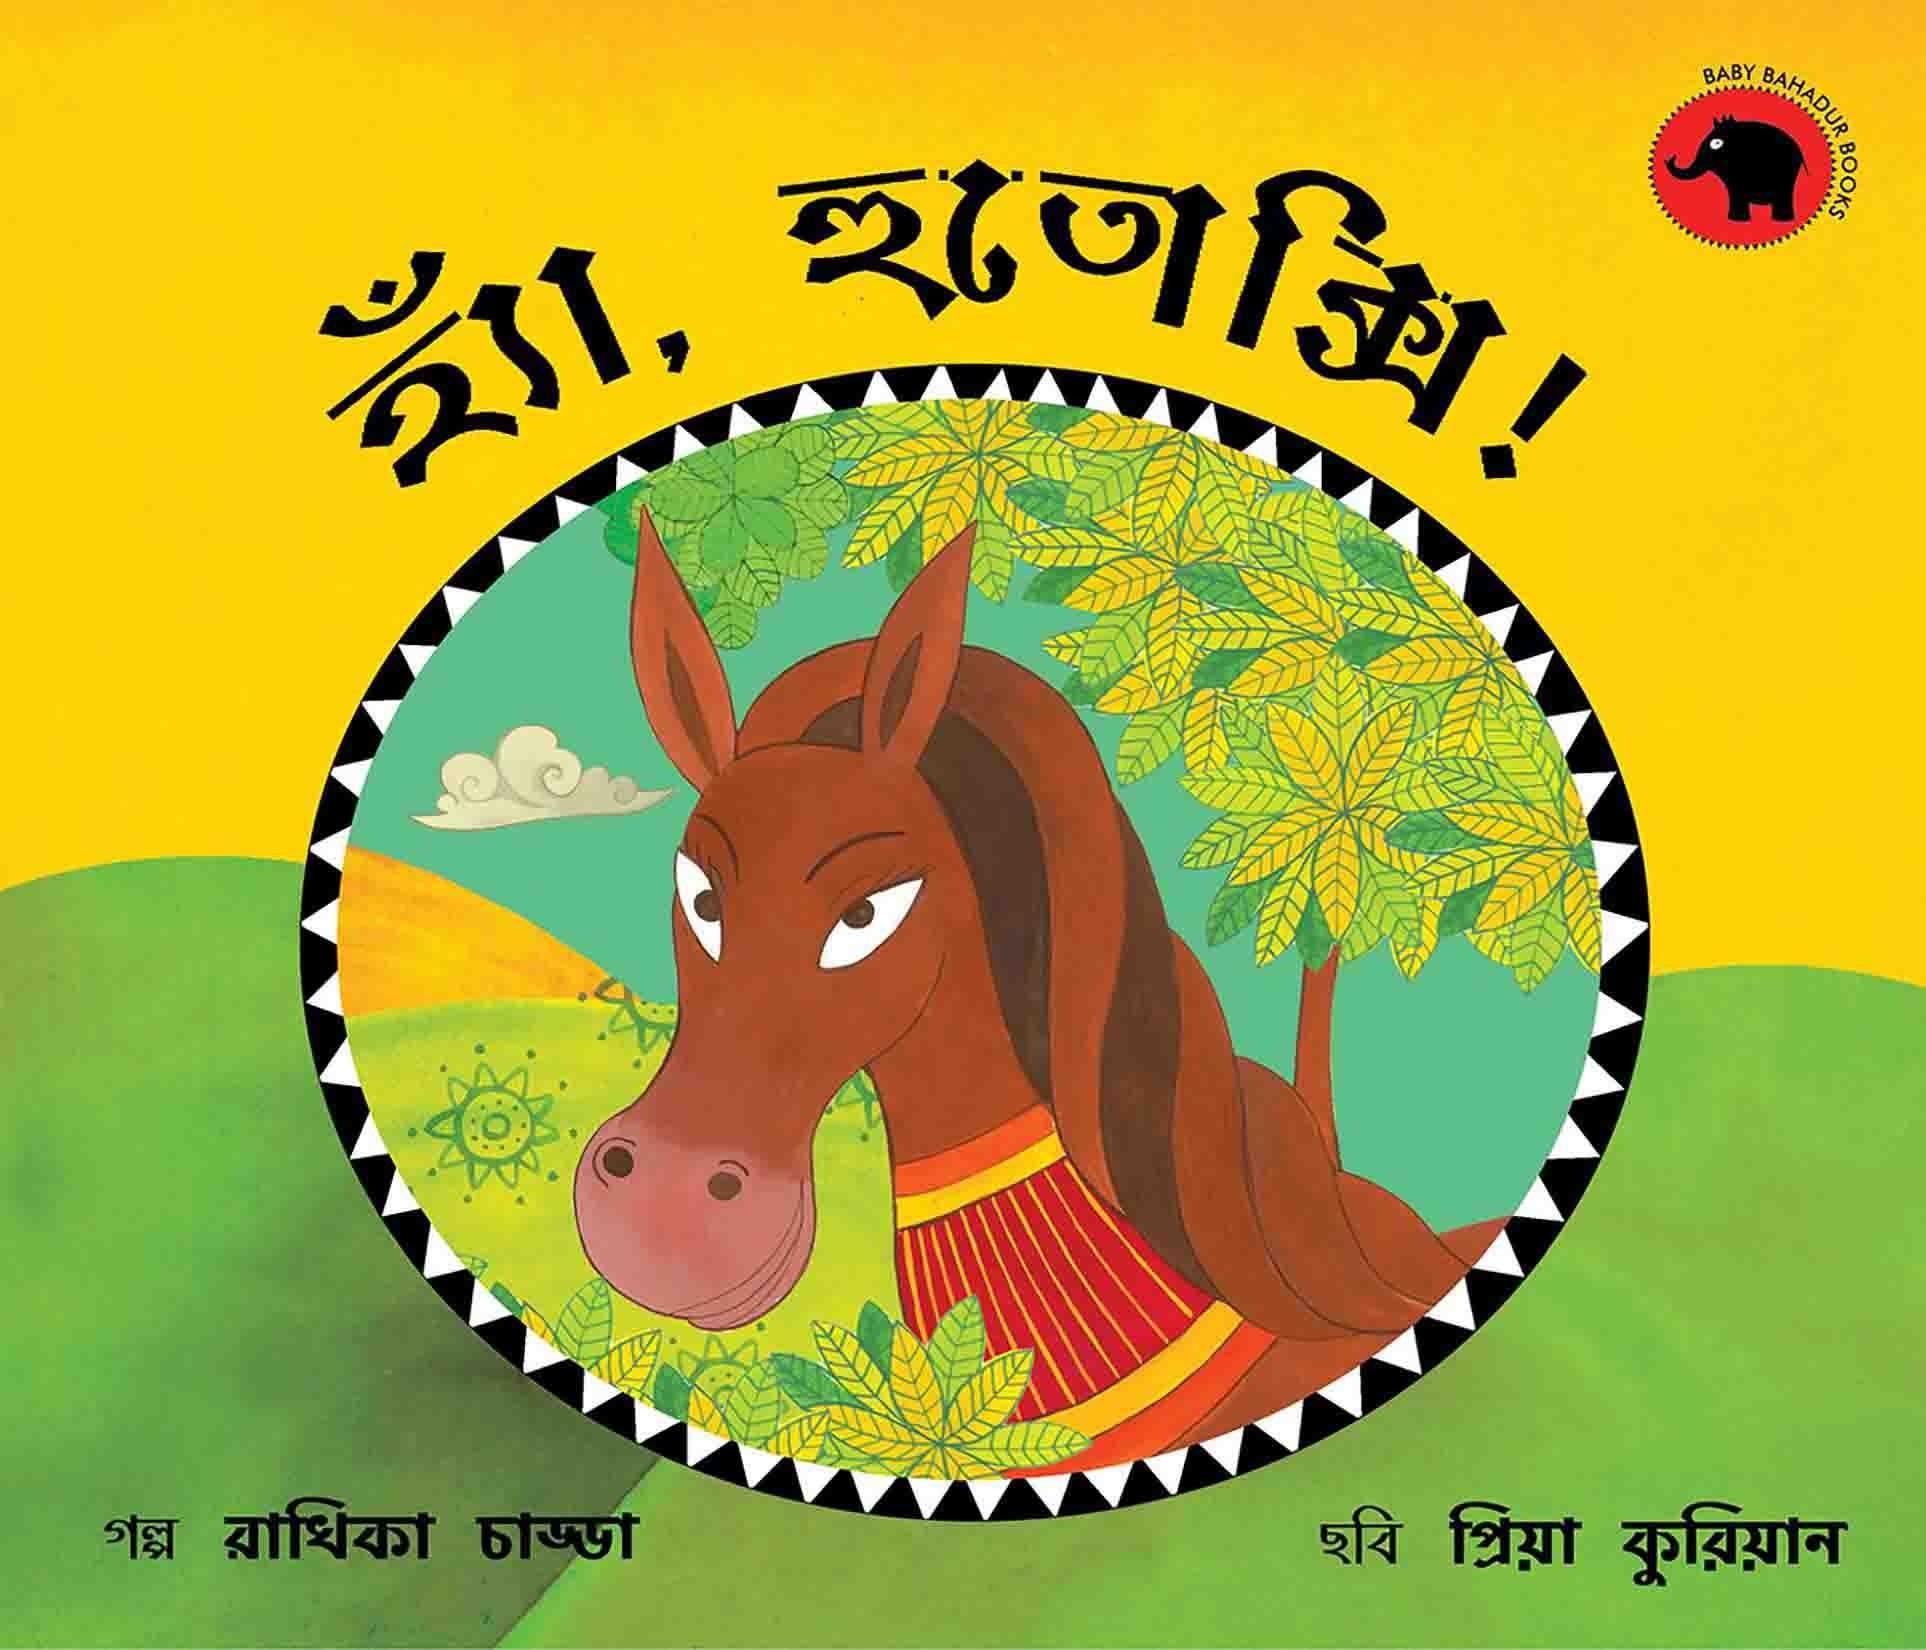 Yes Hutoxi!/Haen, Hutoxi! (Bengali)